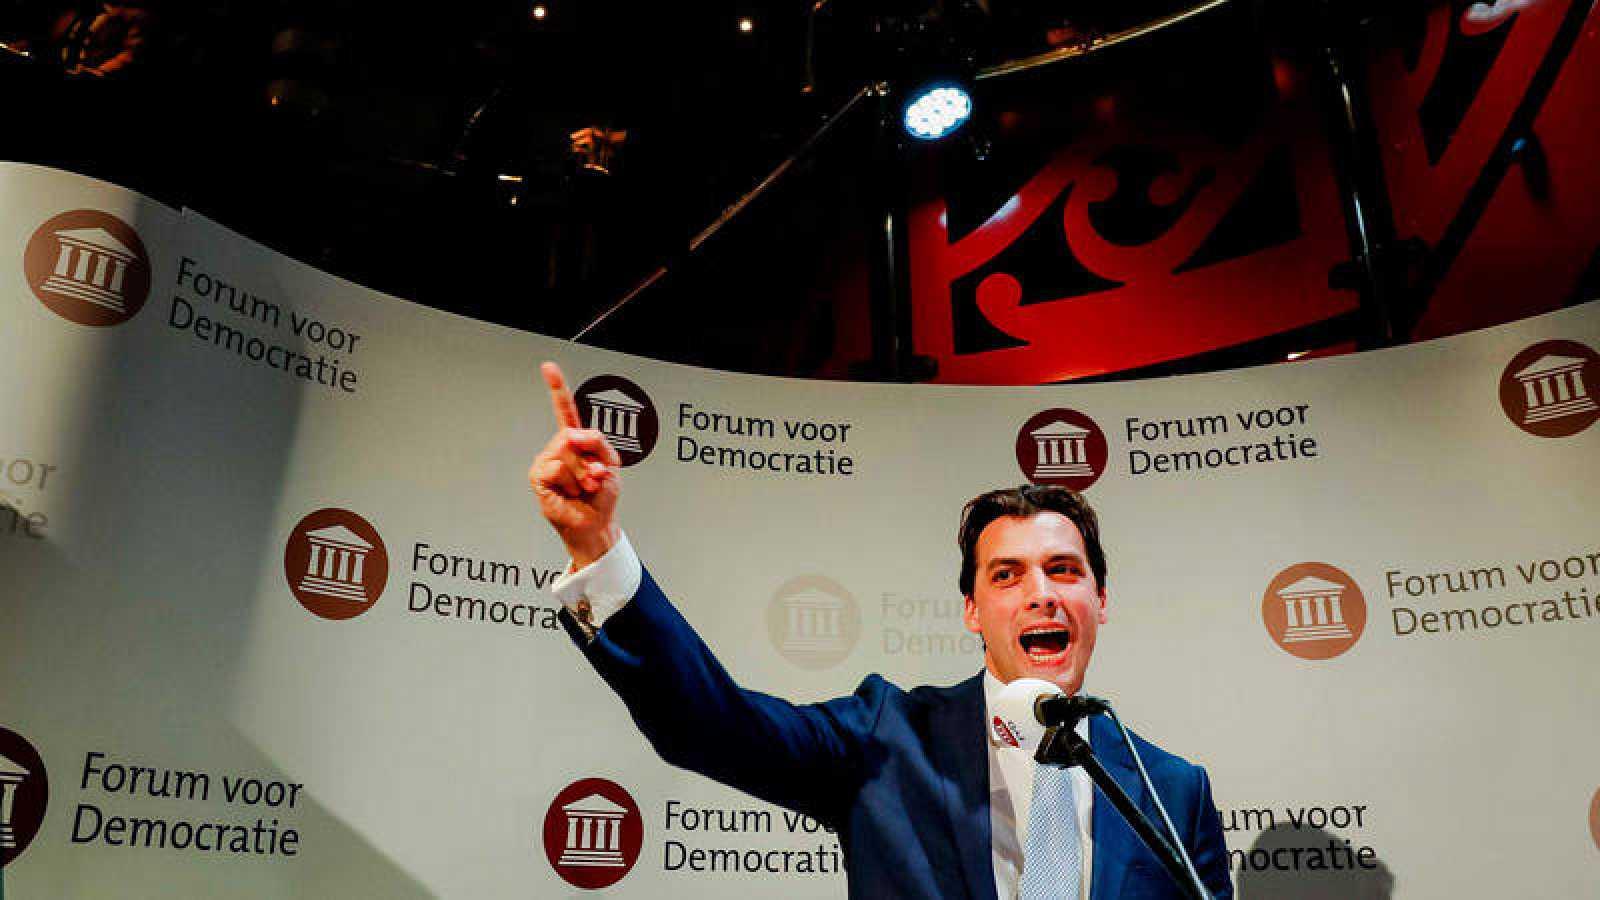 Thierry Baudet, líder del partido Foro para la Democracia, celebra los resultados de su formación